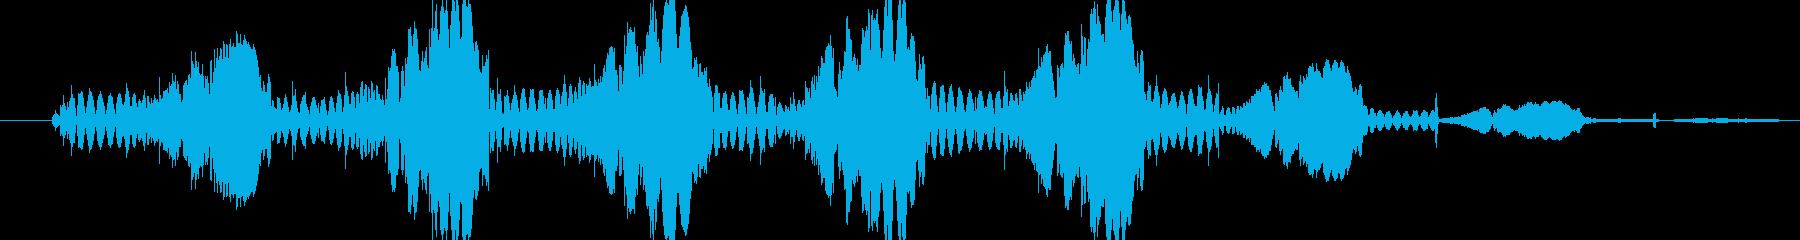 シンセ ショットテクノウォブルロー02の再生済みの波形